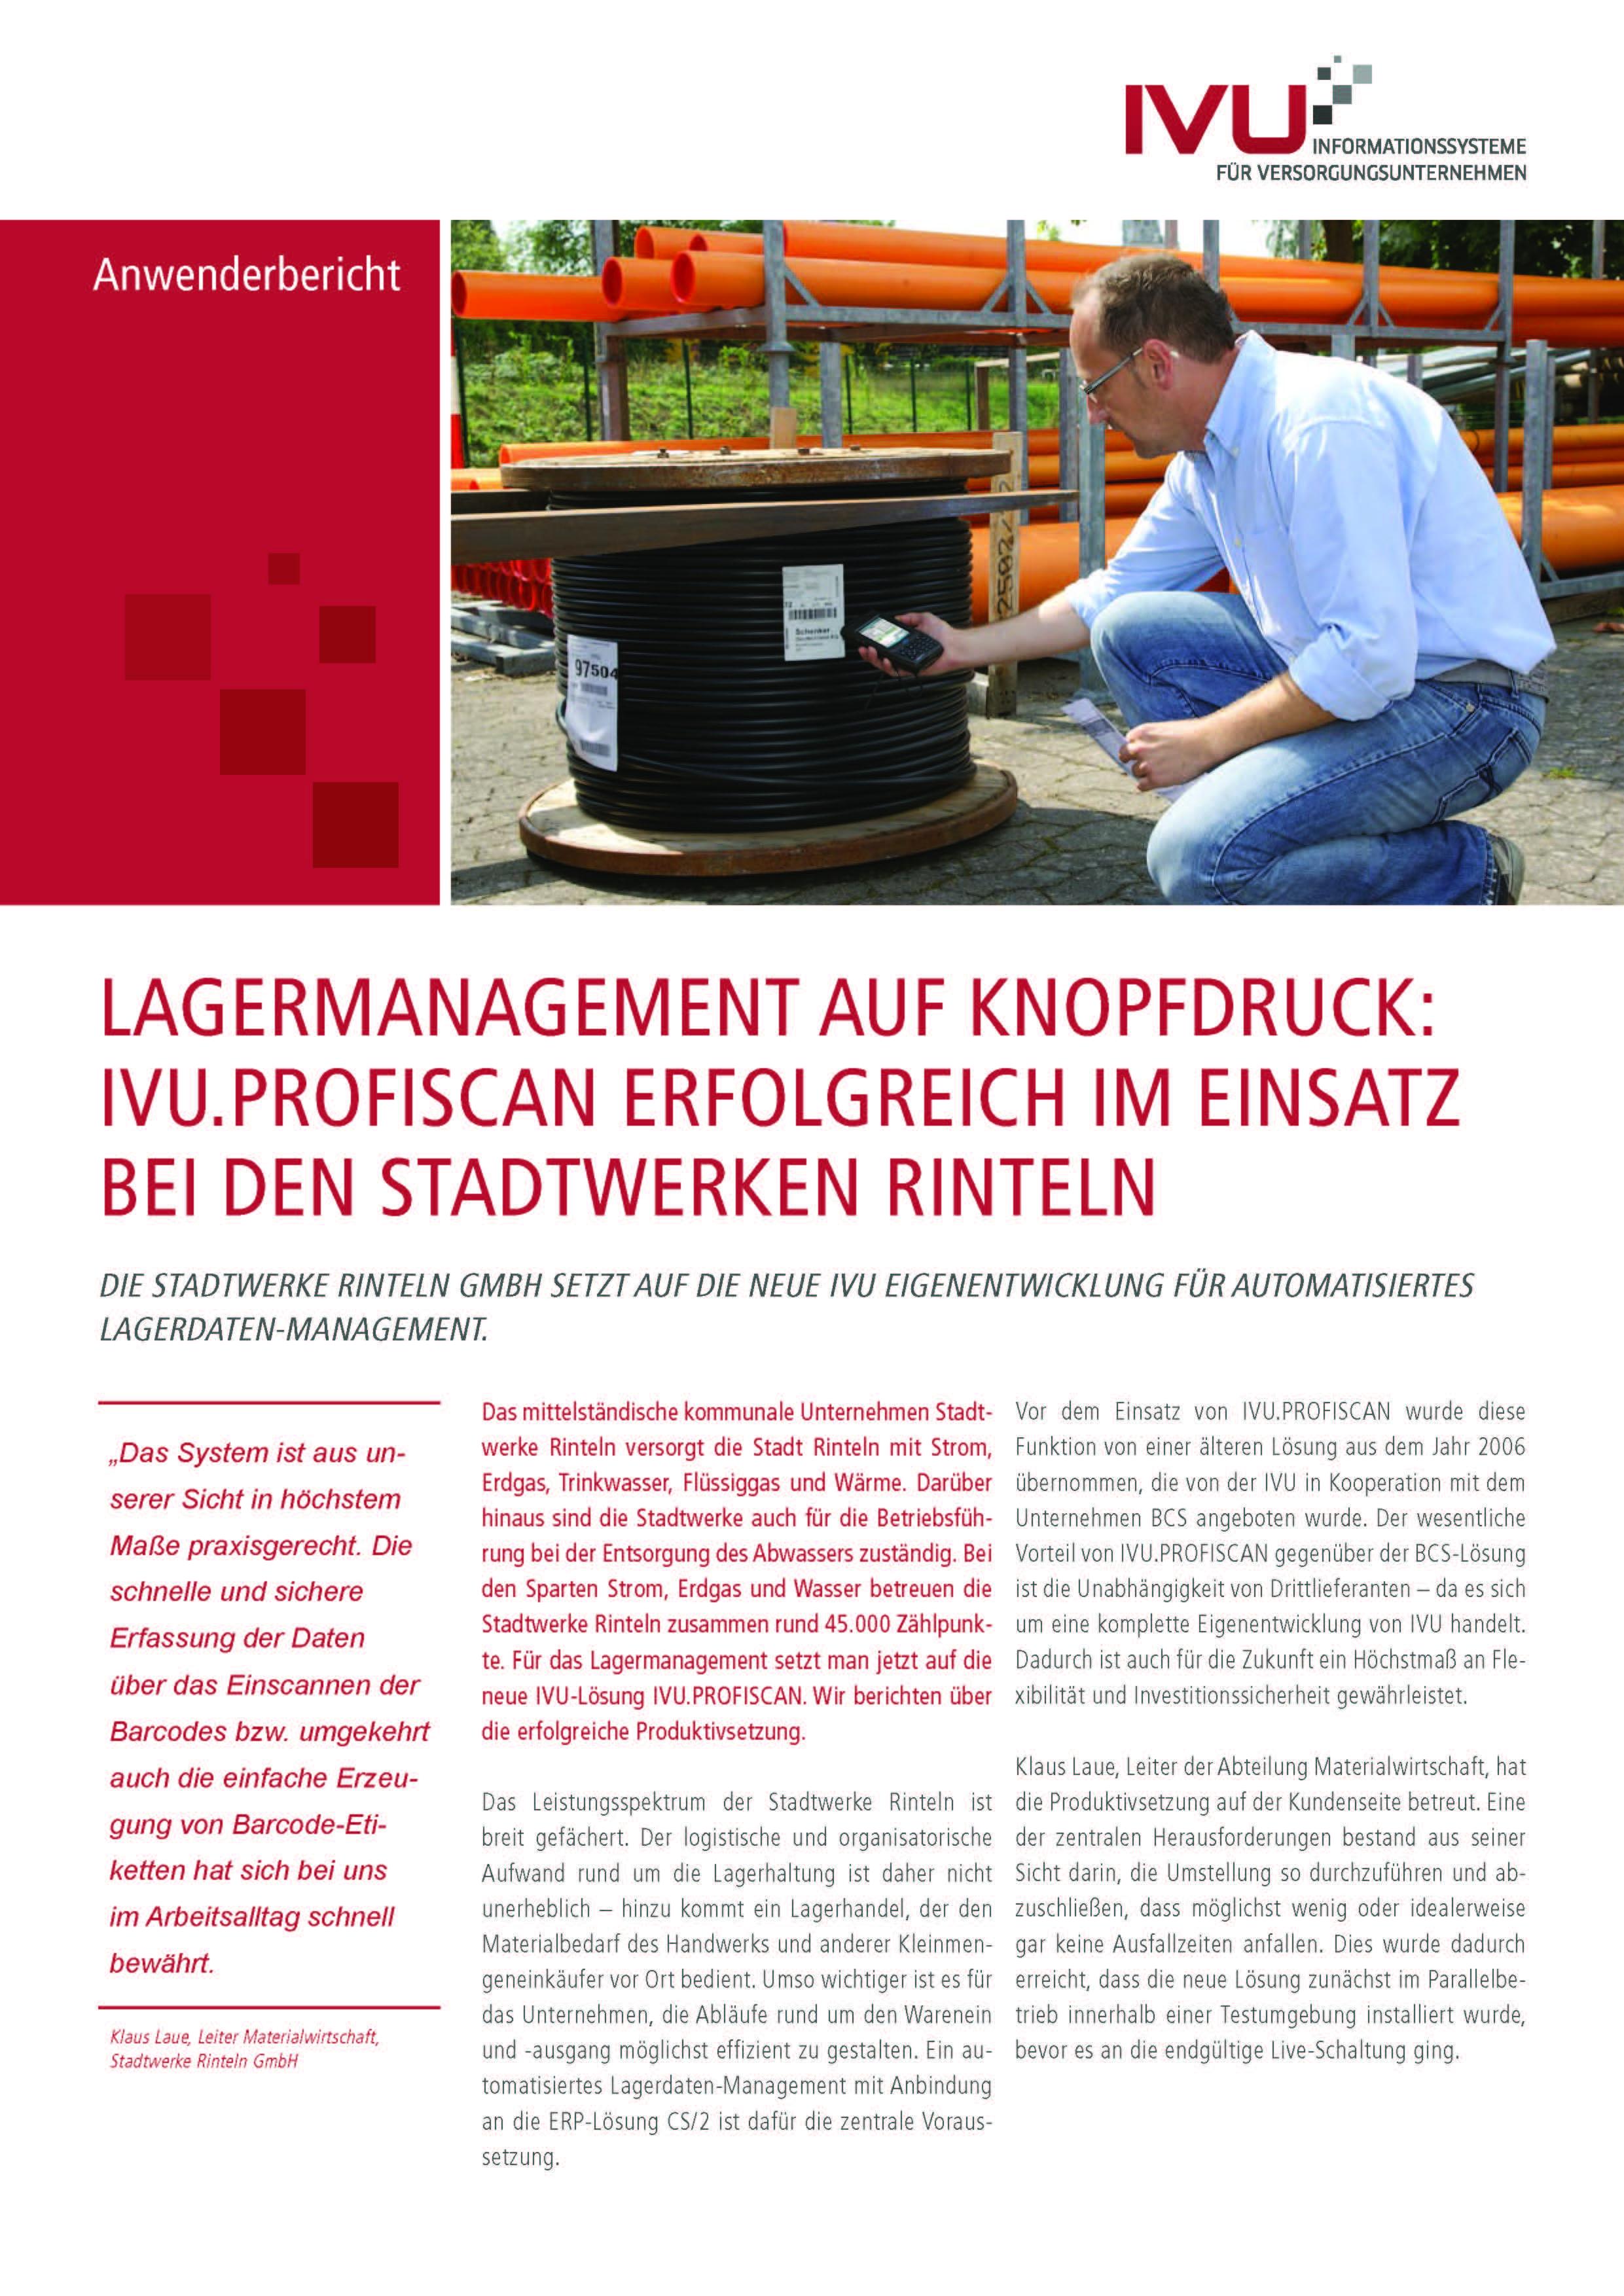 IVU.ProfiScan bei den Stadtwerken Rinteln